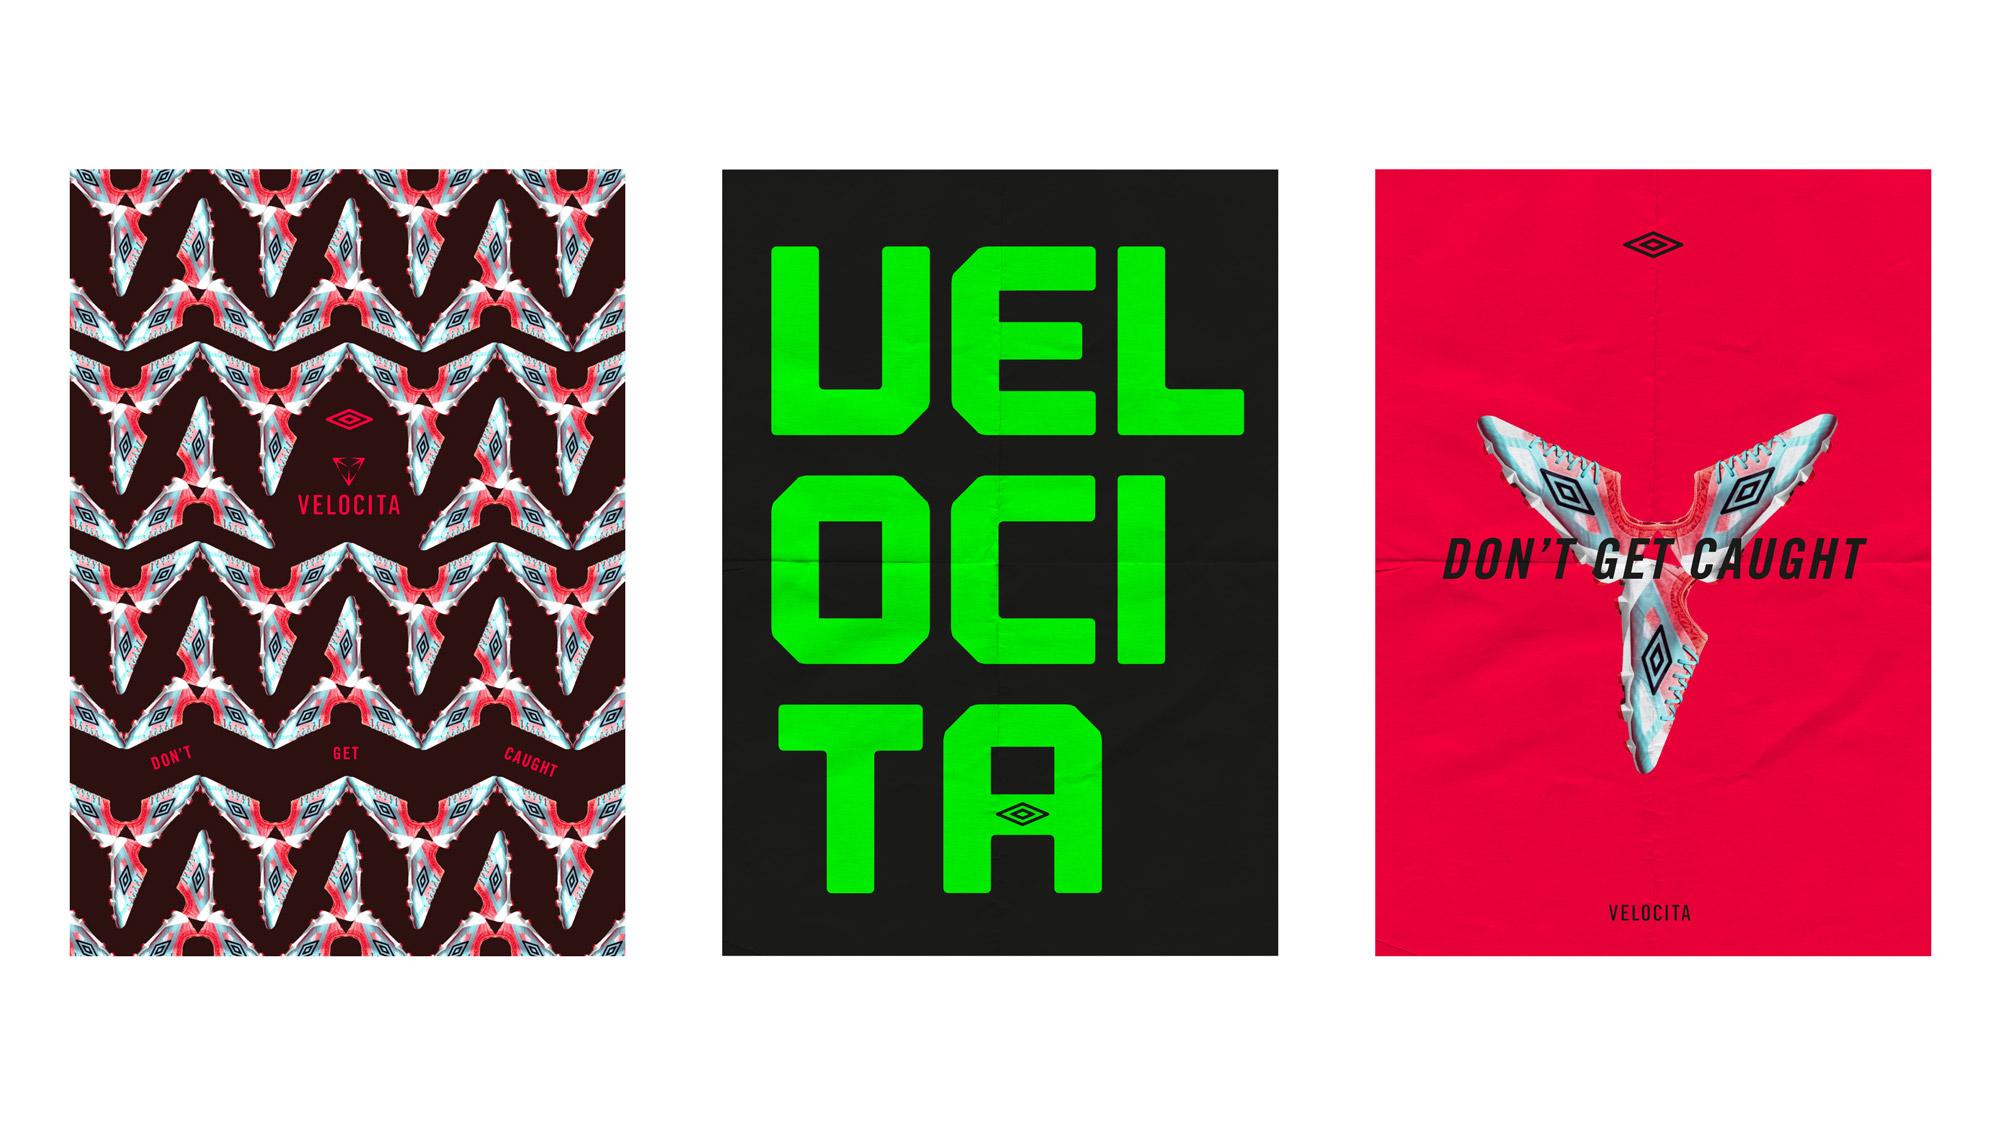 Velocita3